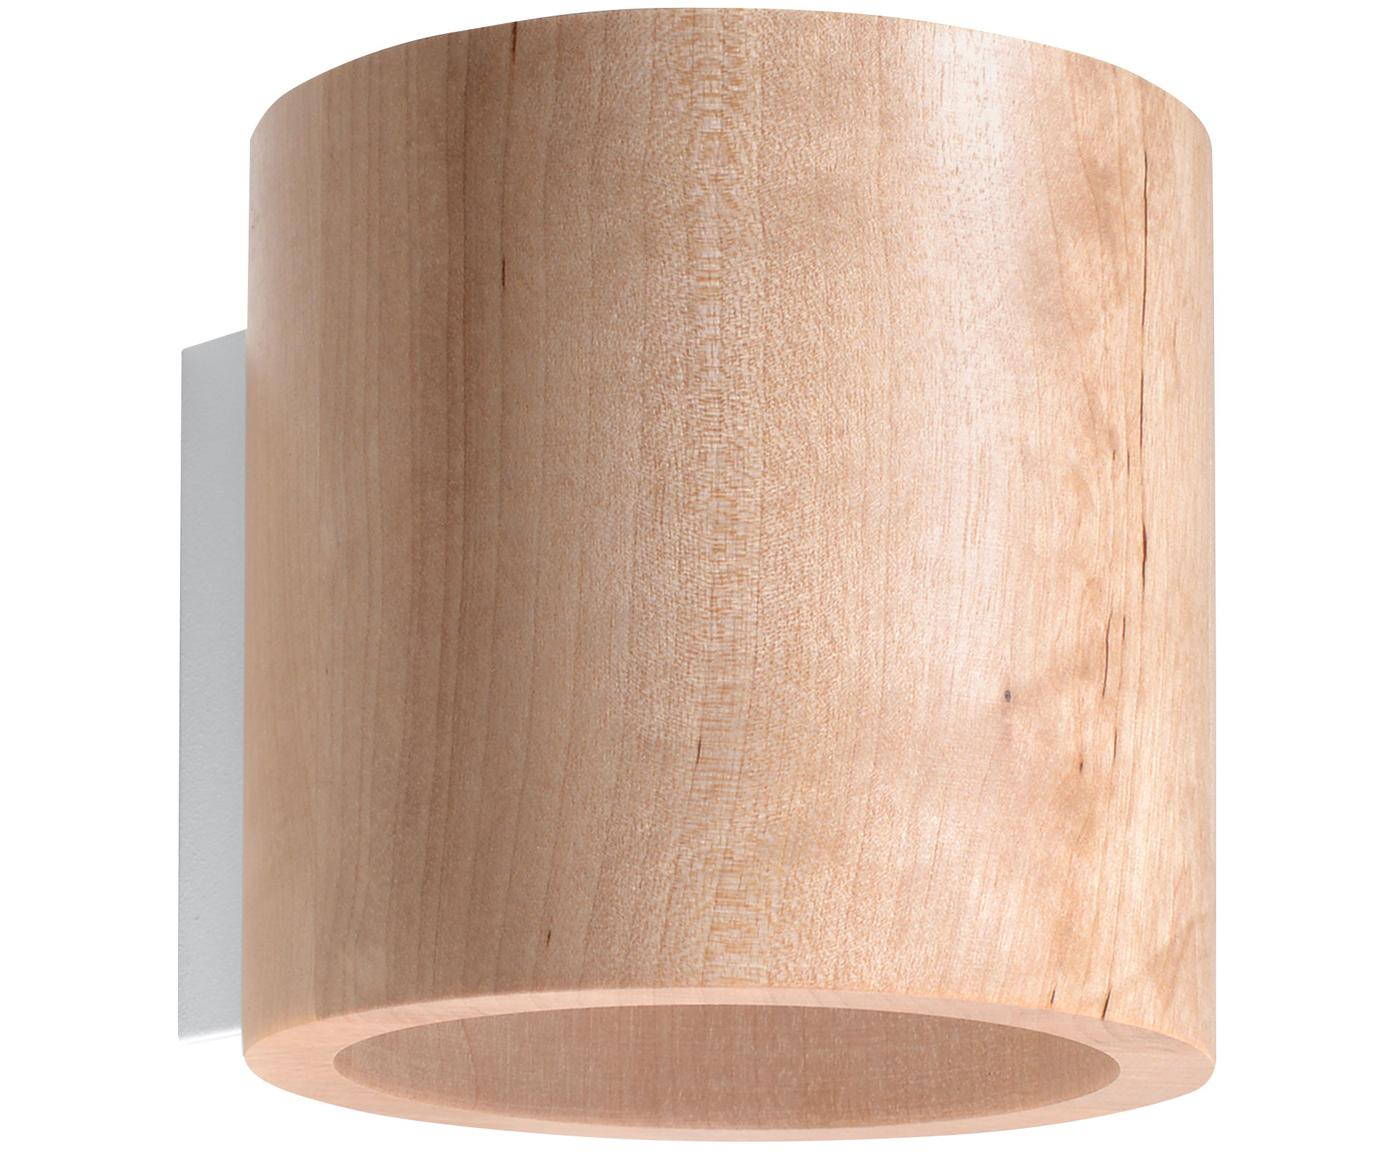 Kinkiet z drewna Roda, Drewno naturalne, Jasny brązowy, Ø 10 x W 12 cm